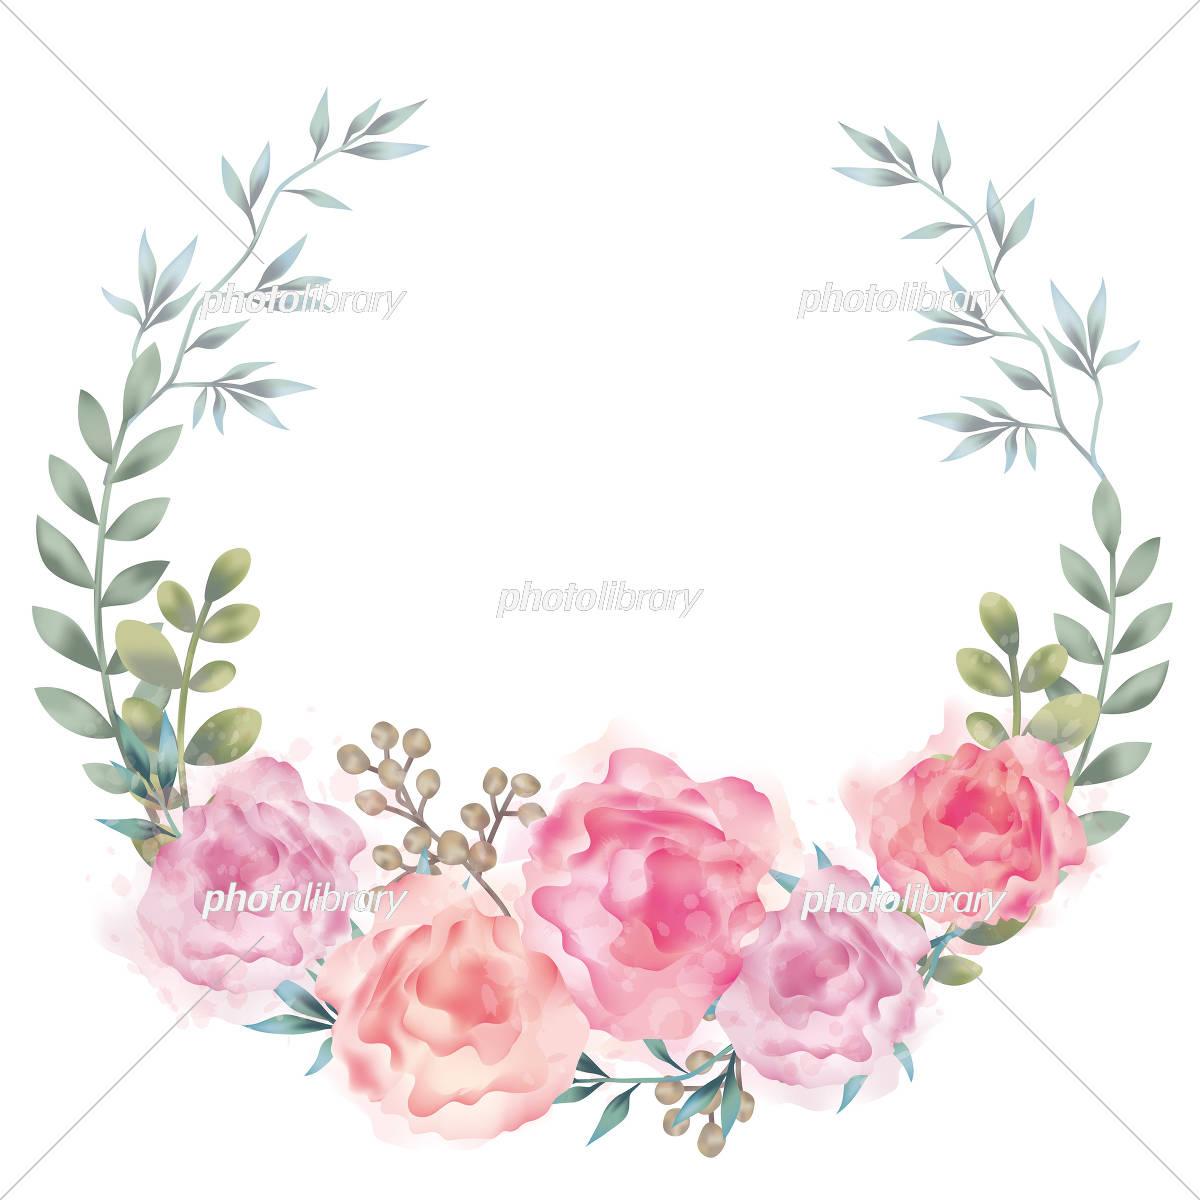 水彩風 花の背景イラスト イラスト素材 [ 5546088 ] - フォトライブ